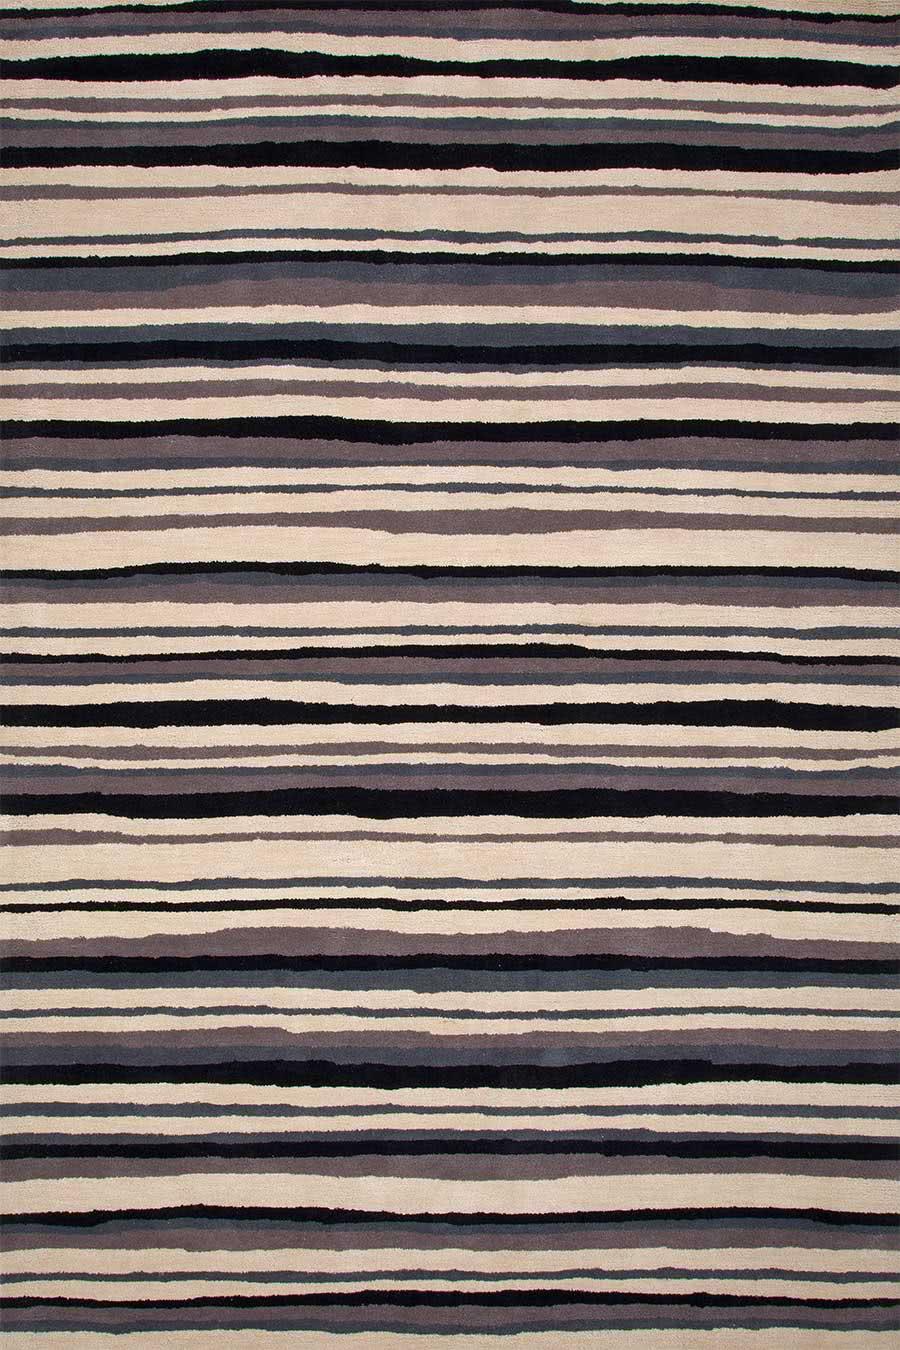 Boston Stripe in Silver colourway overhead image